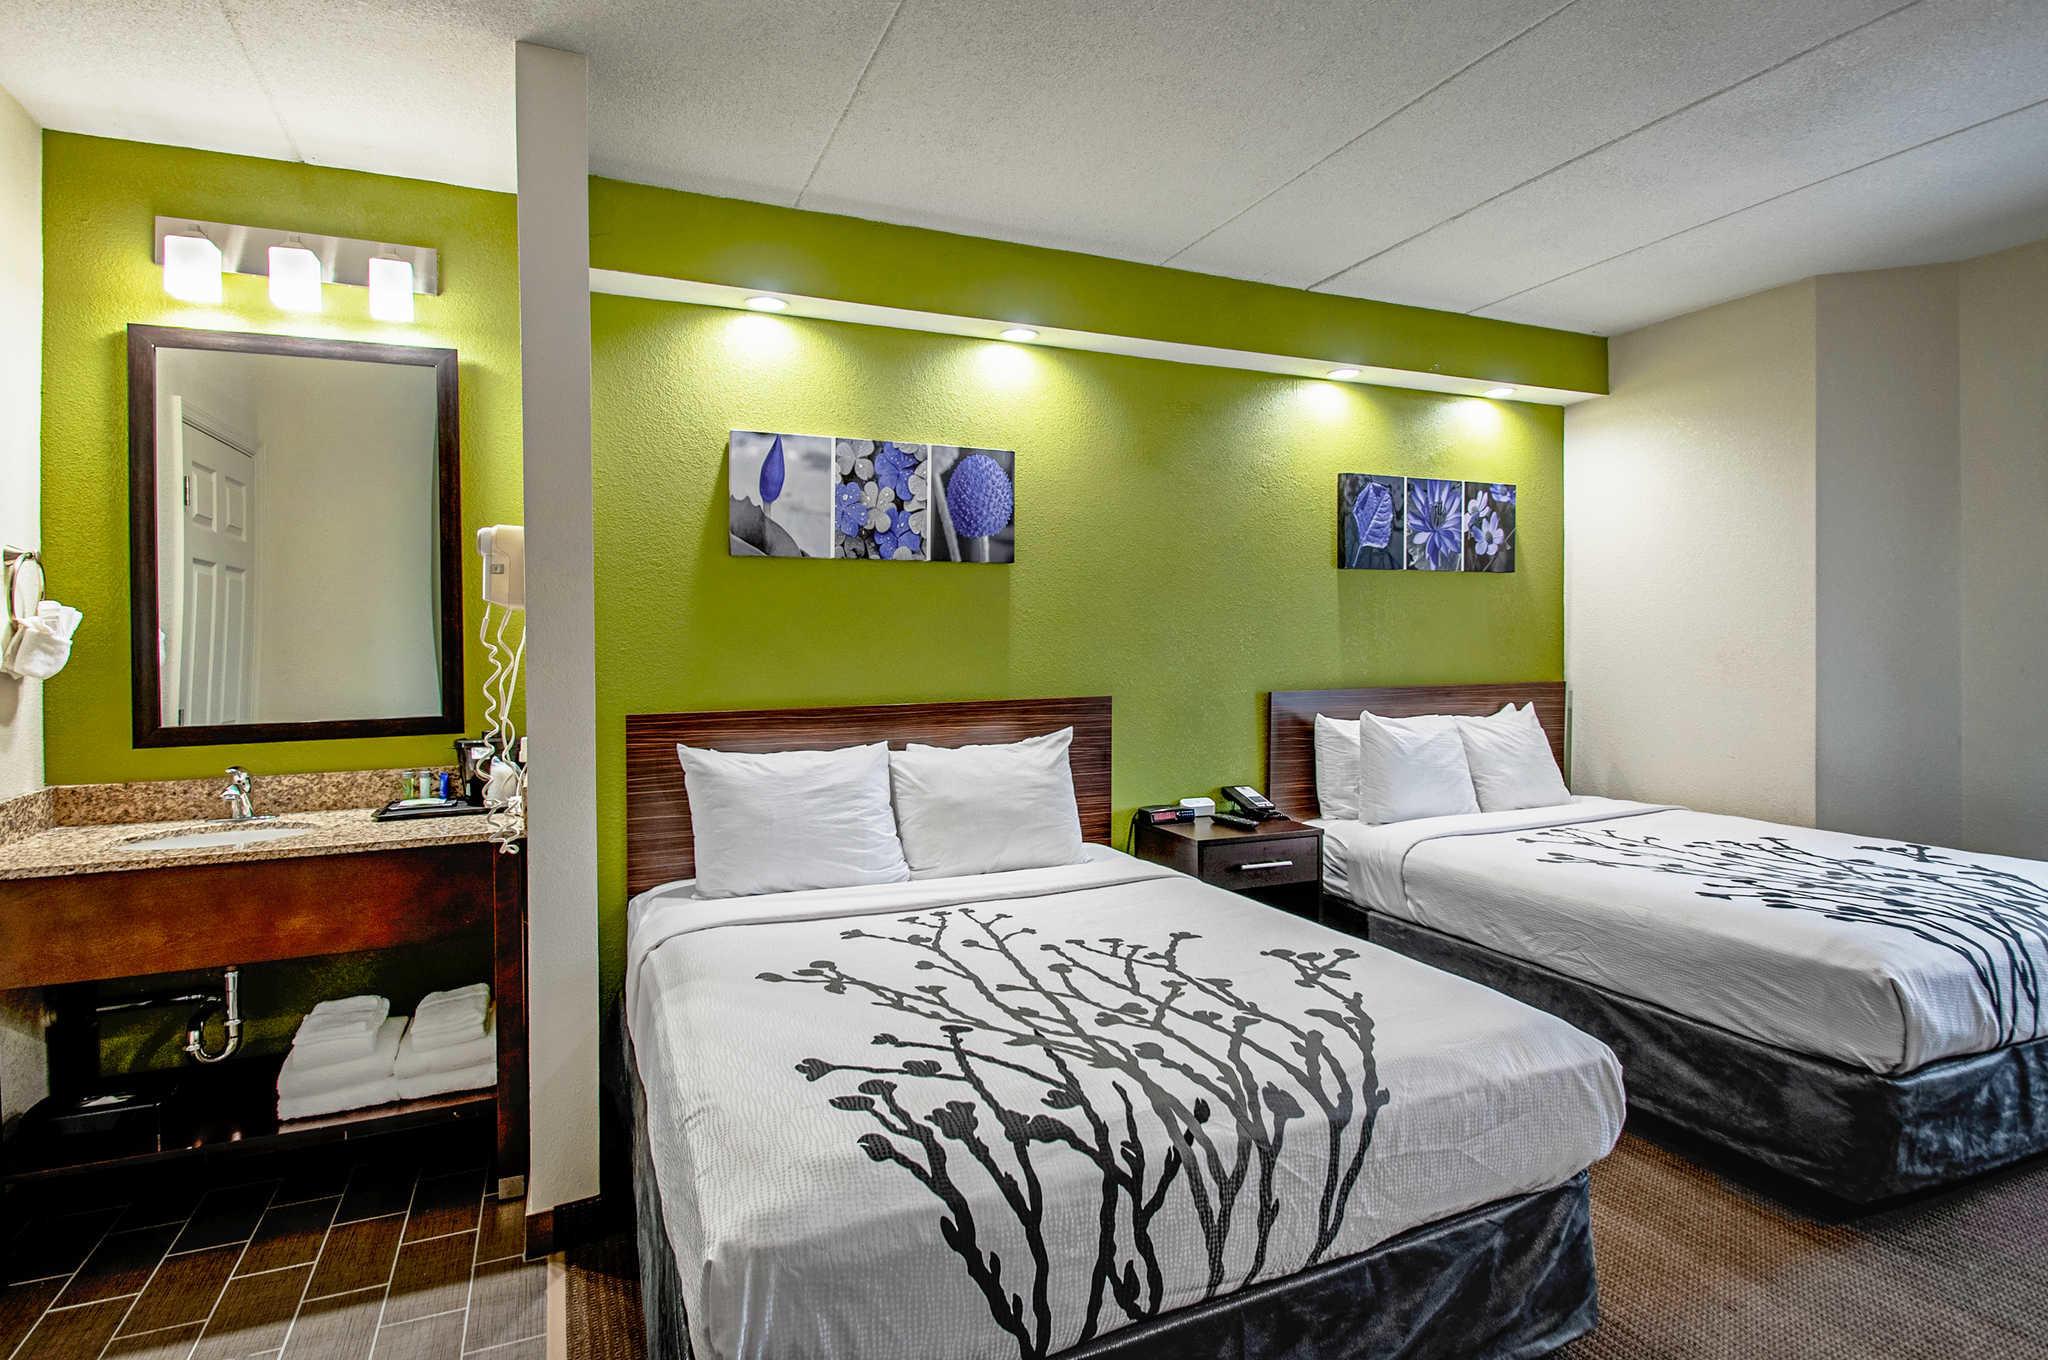 Sleep Inn image 30